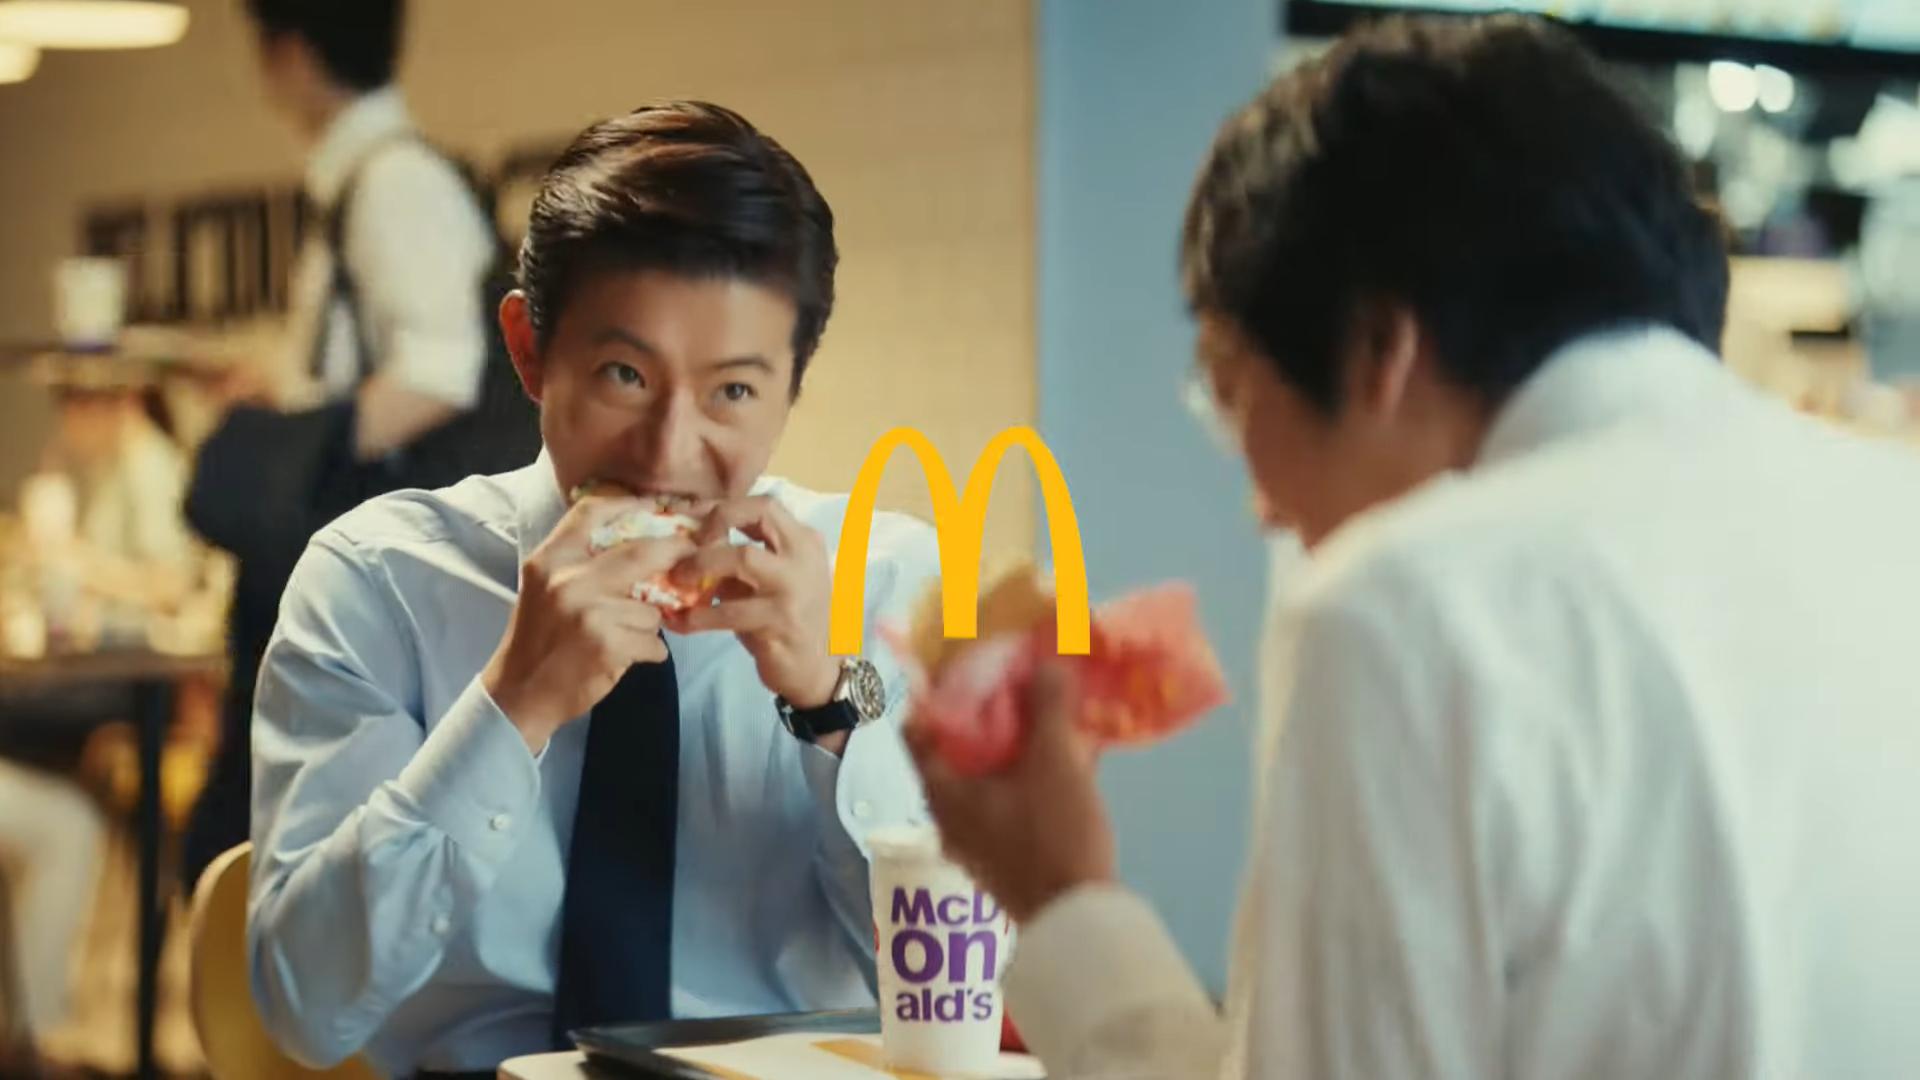 木村拓哉代言麥當勞拍攝新廣告 導演嚴苛要求竟重拍32次